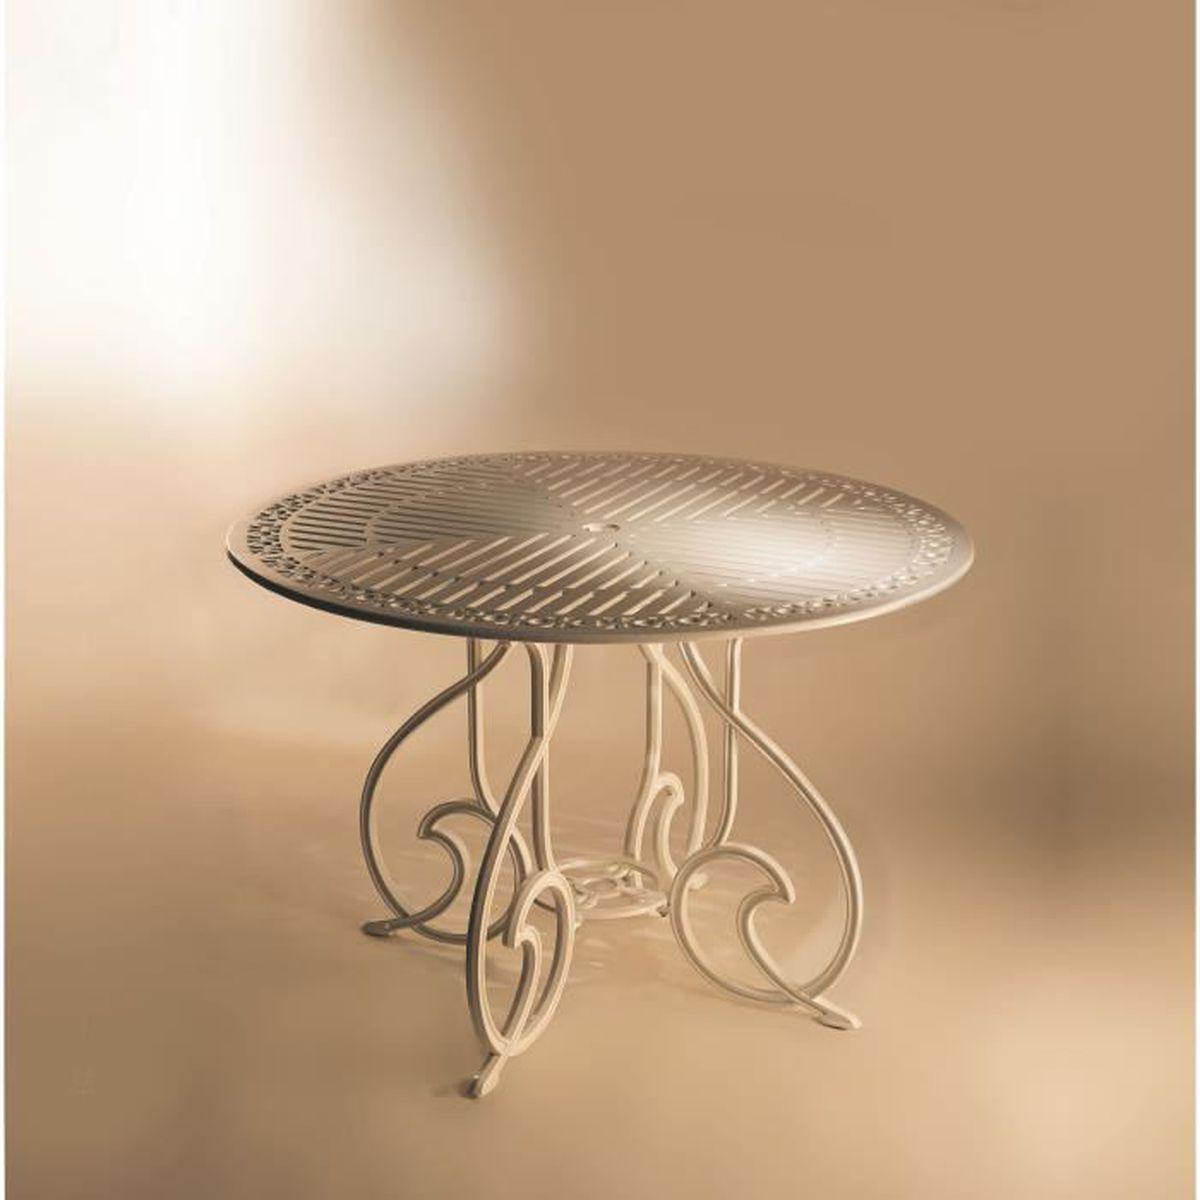 Table ronde de 90cm design classique faite en fonte d for Table ronde 90 cm diametre